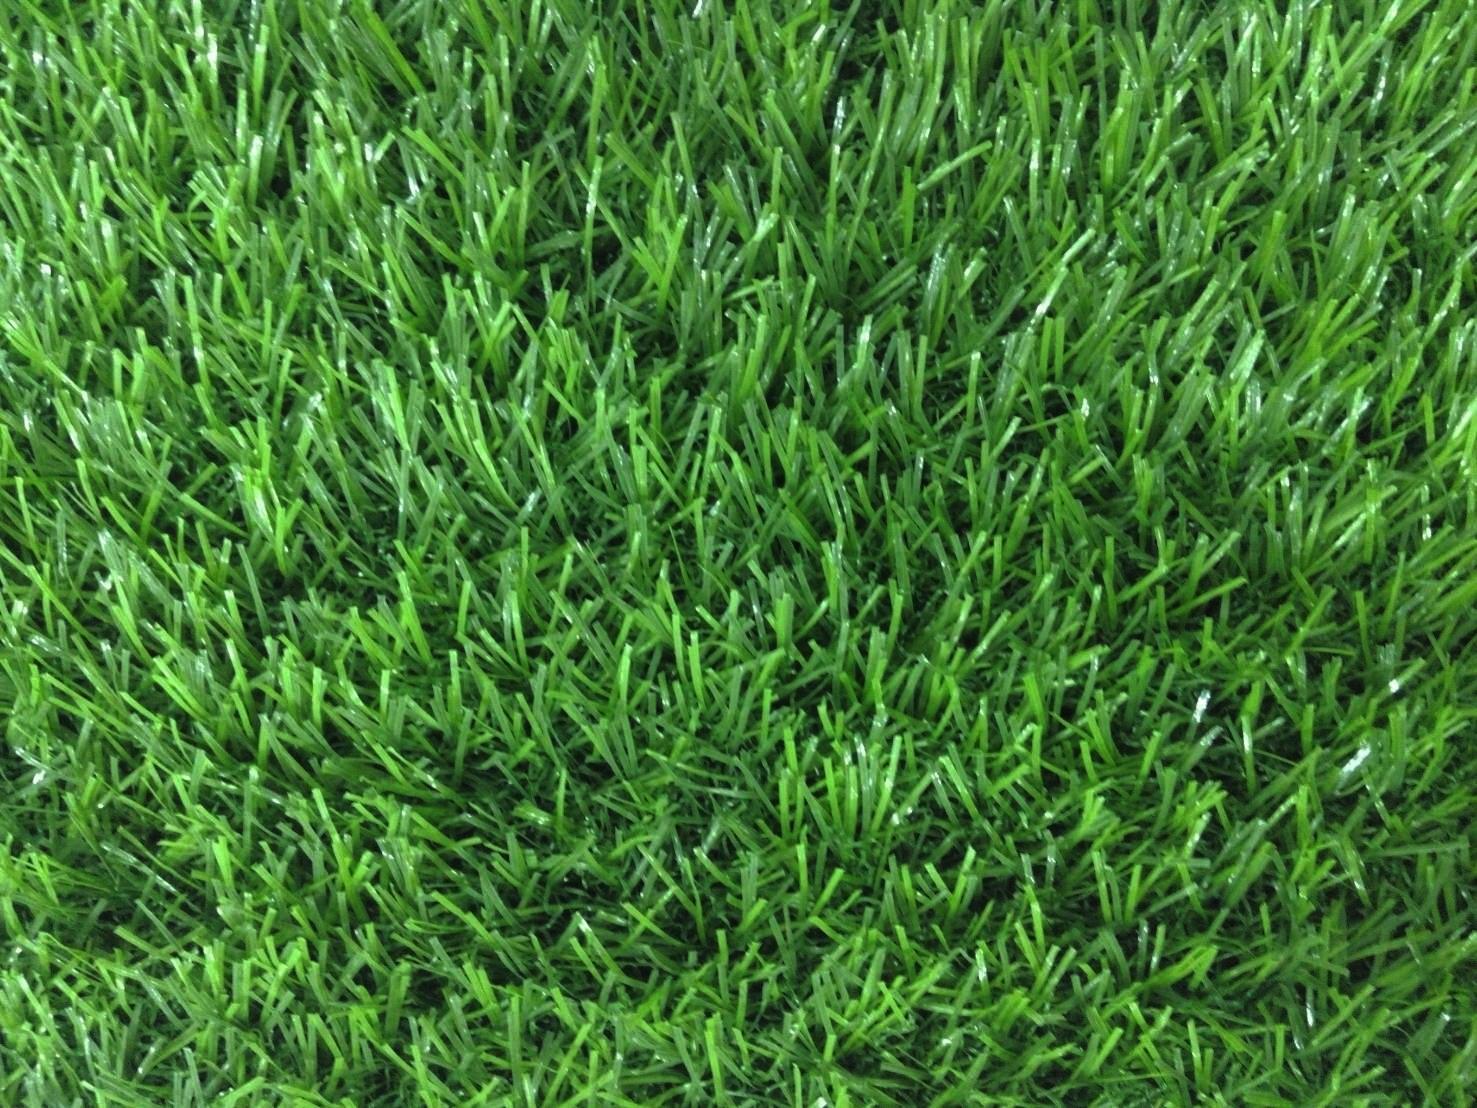 หญ้าเทียม รุ่น 2.5 cm.สีเขียวล้วน